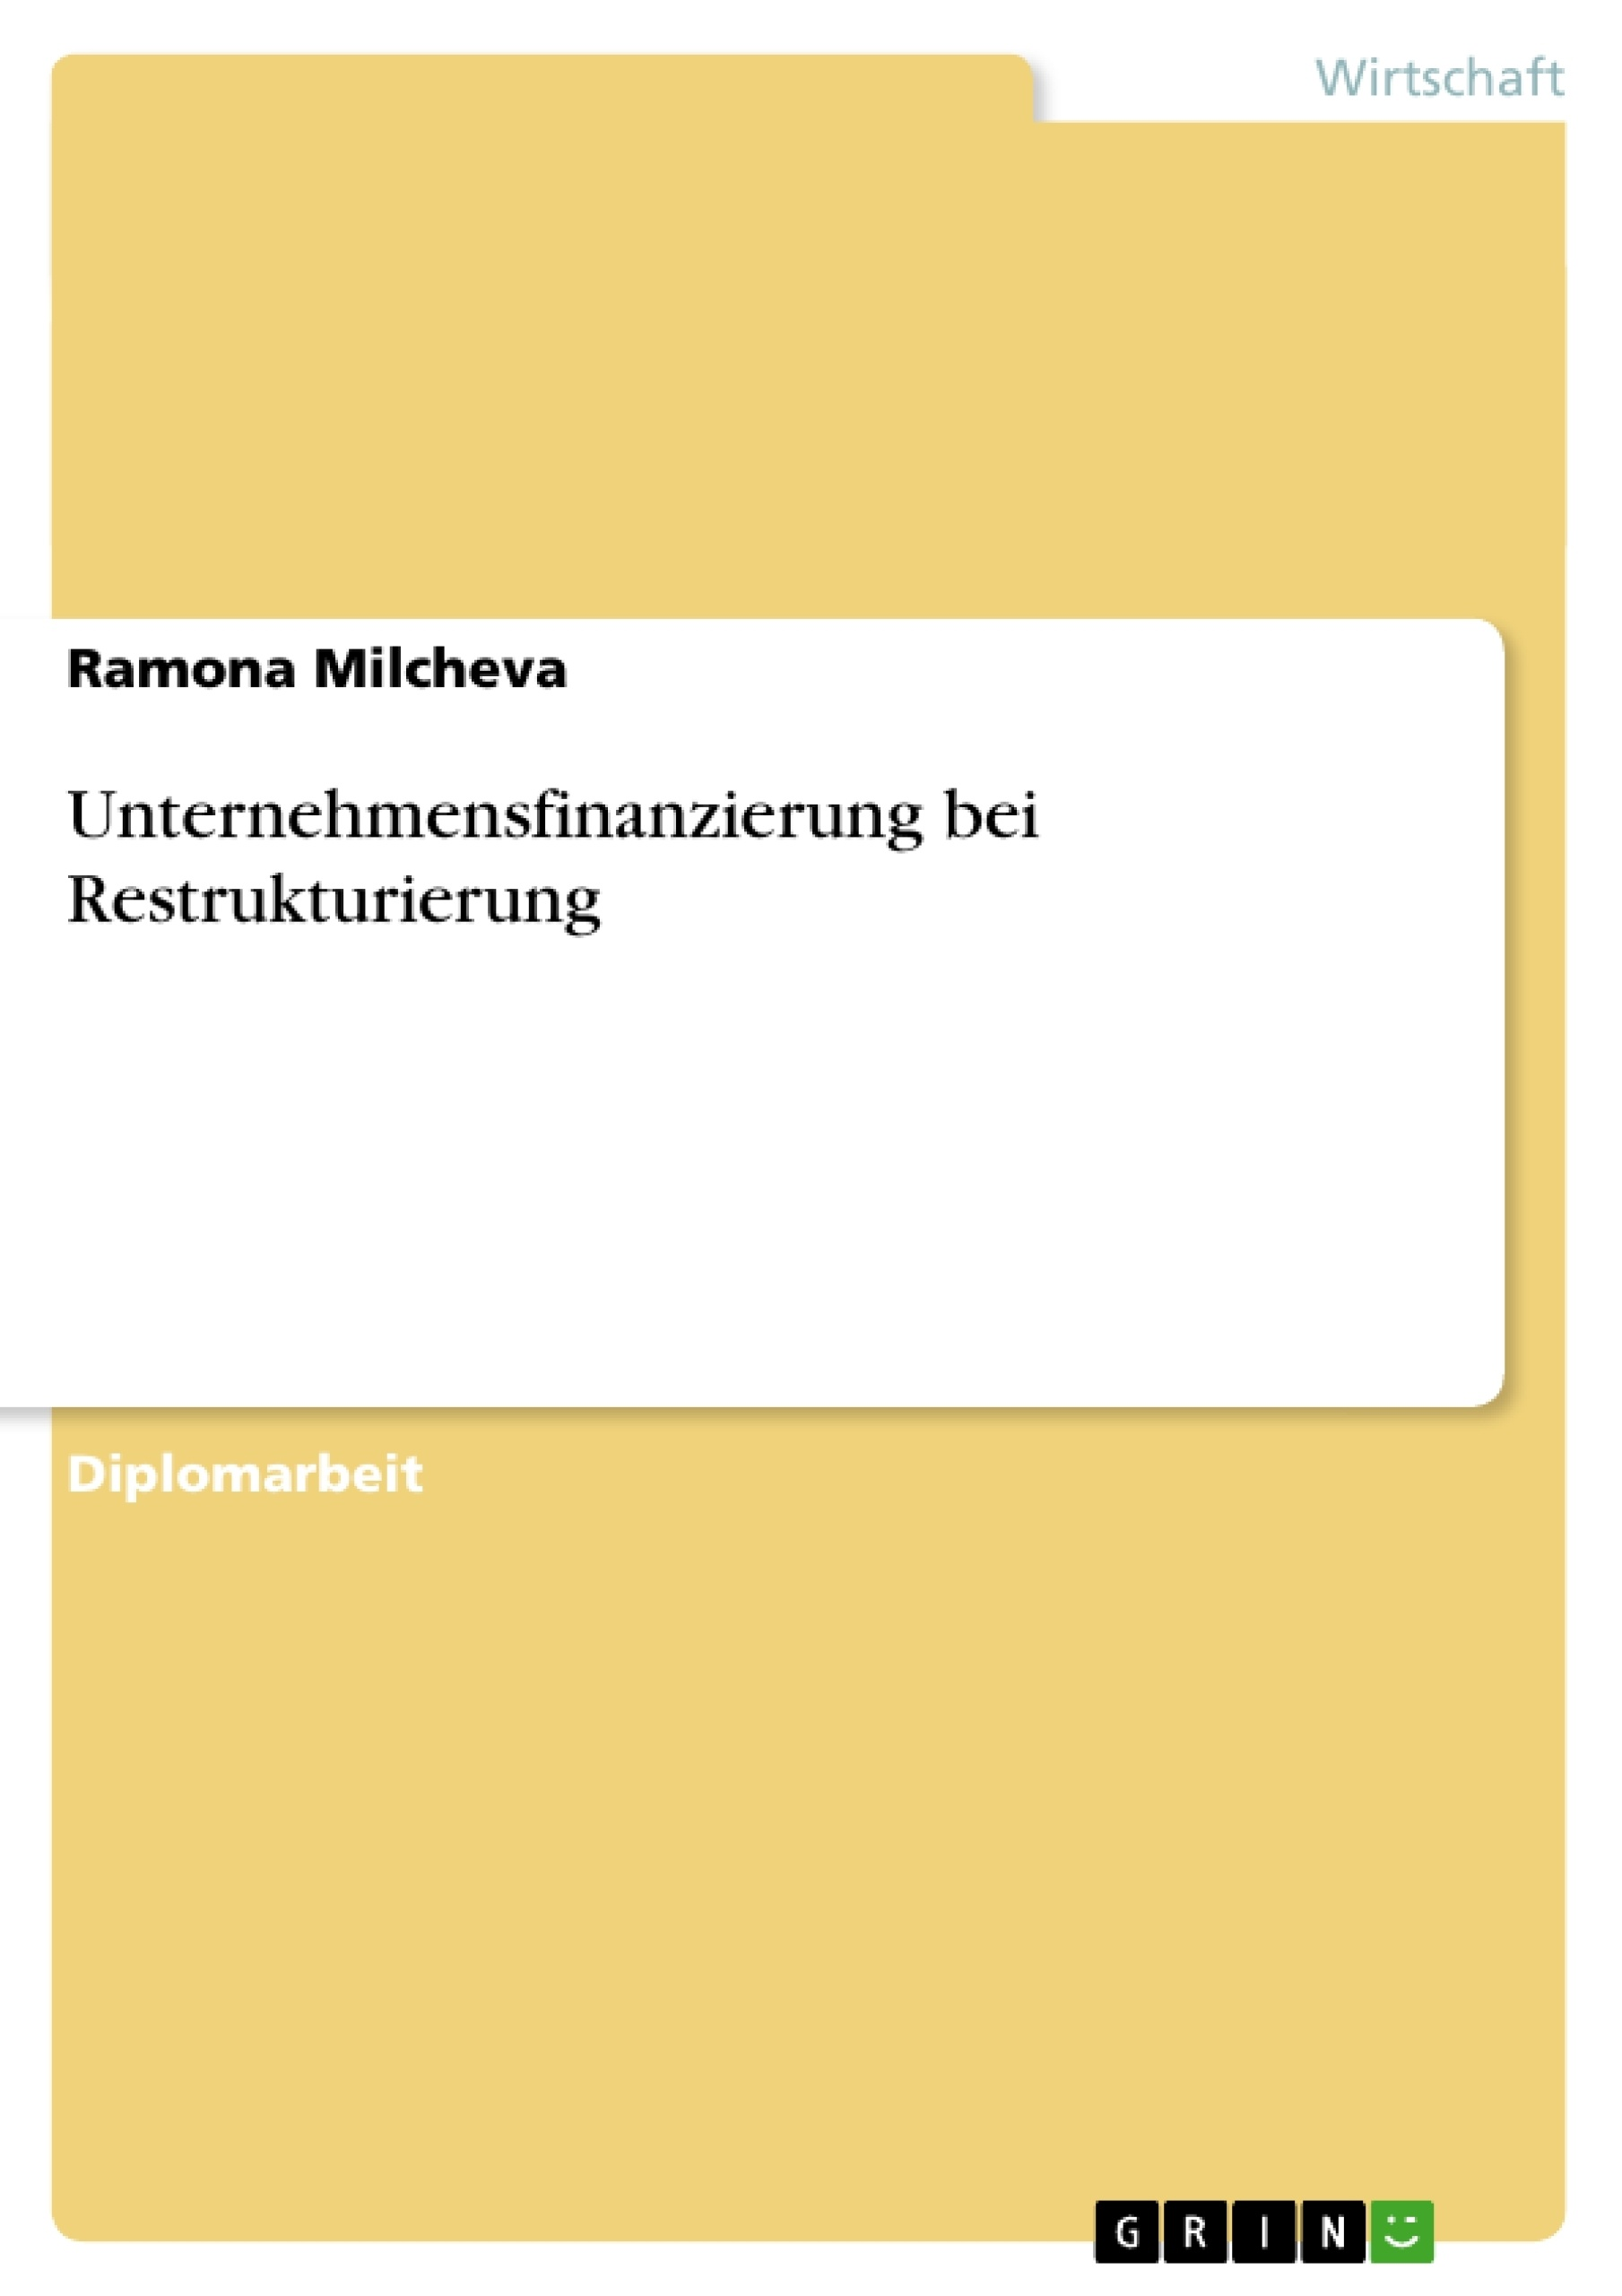 Titel: Unternehmensfinanzierung bei Restrukturierung